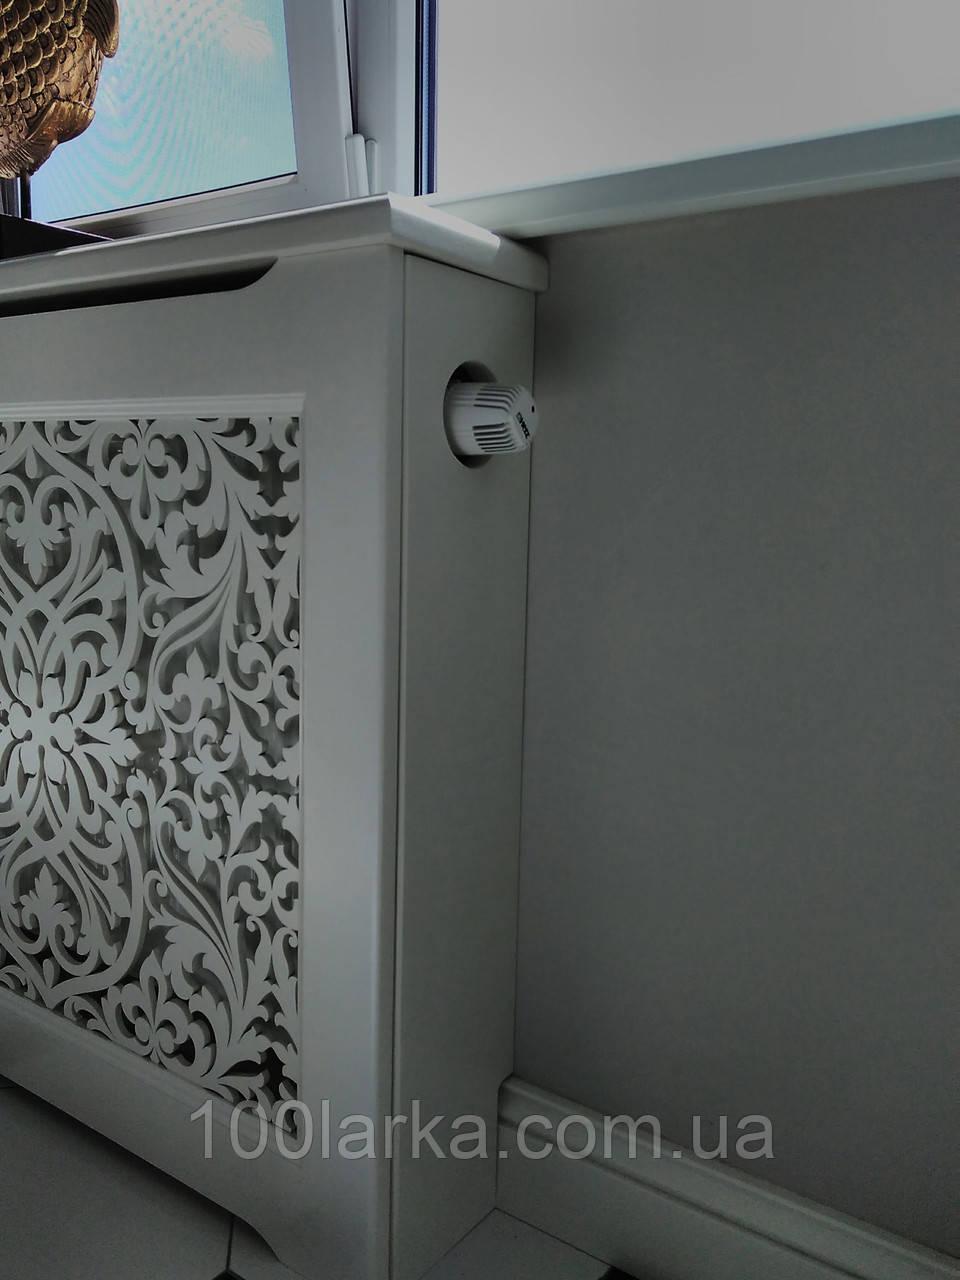 Экраны (короба) декоративные деревянные для батарей отопления решетка №18А